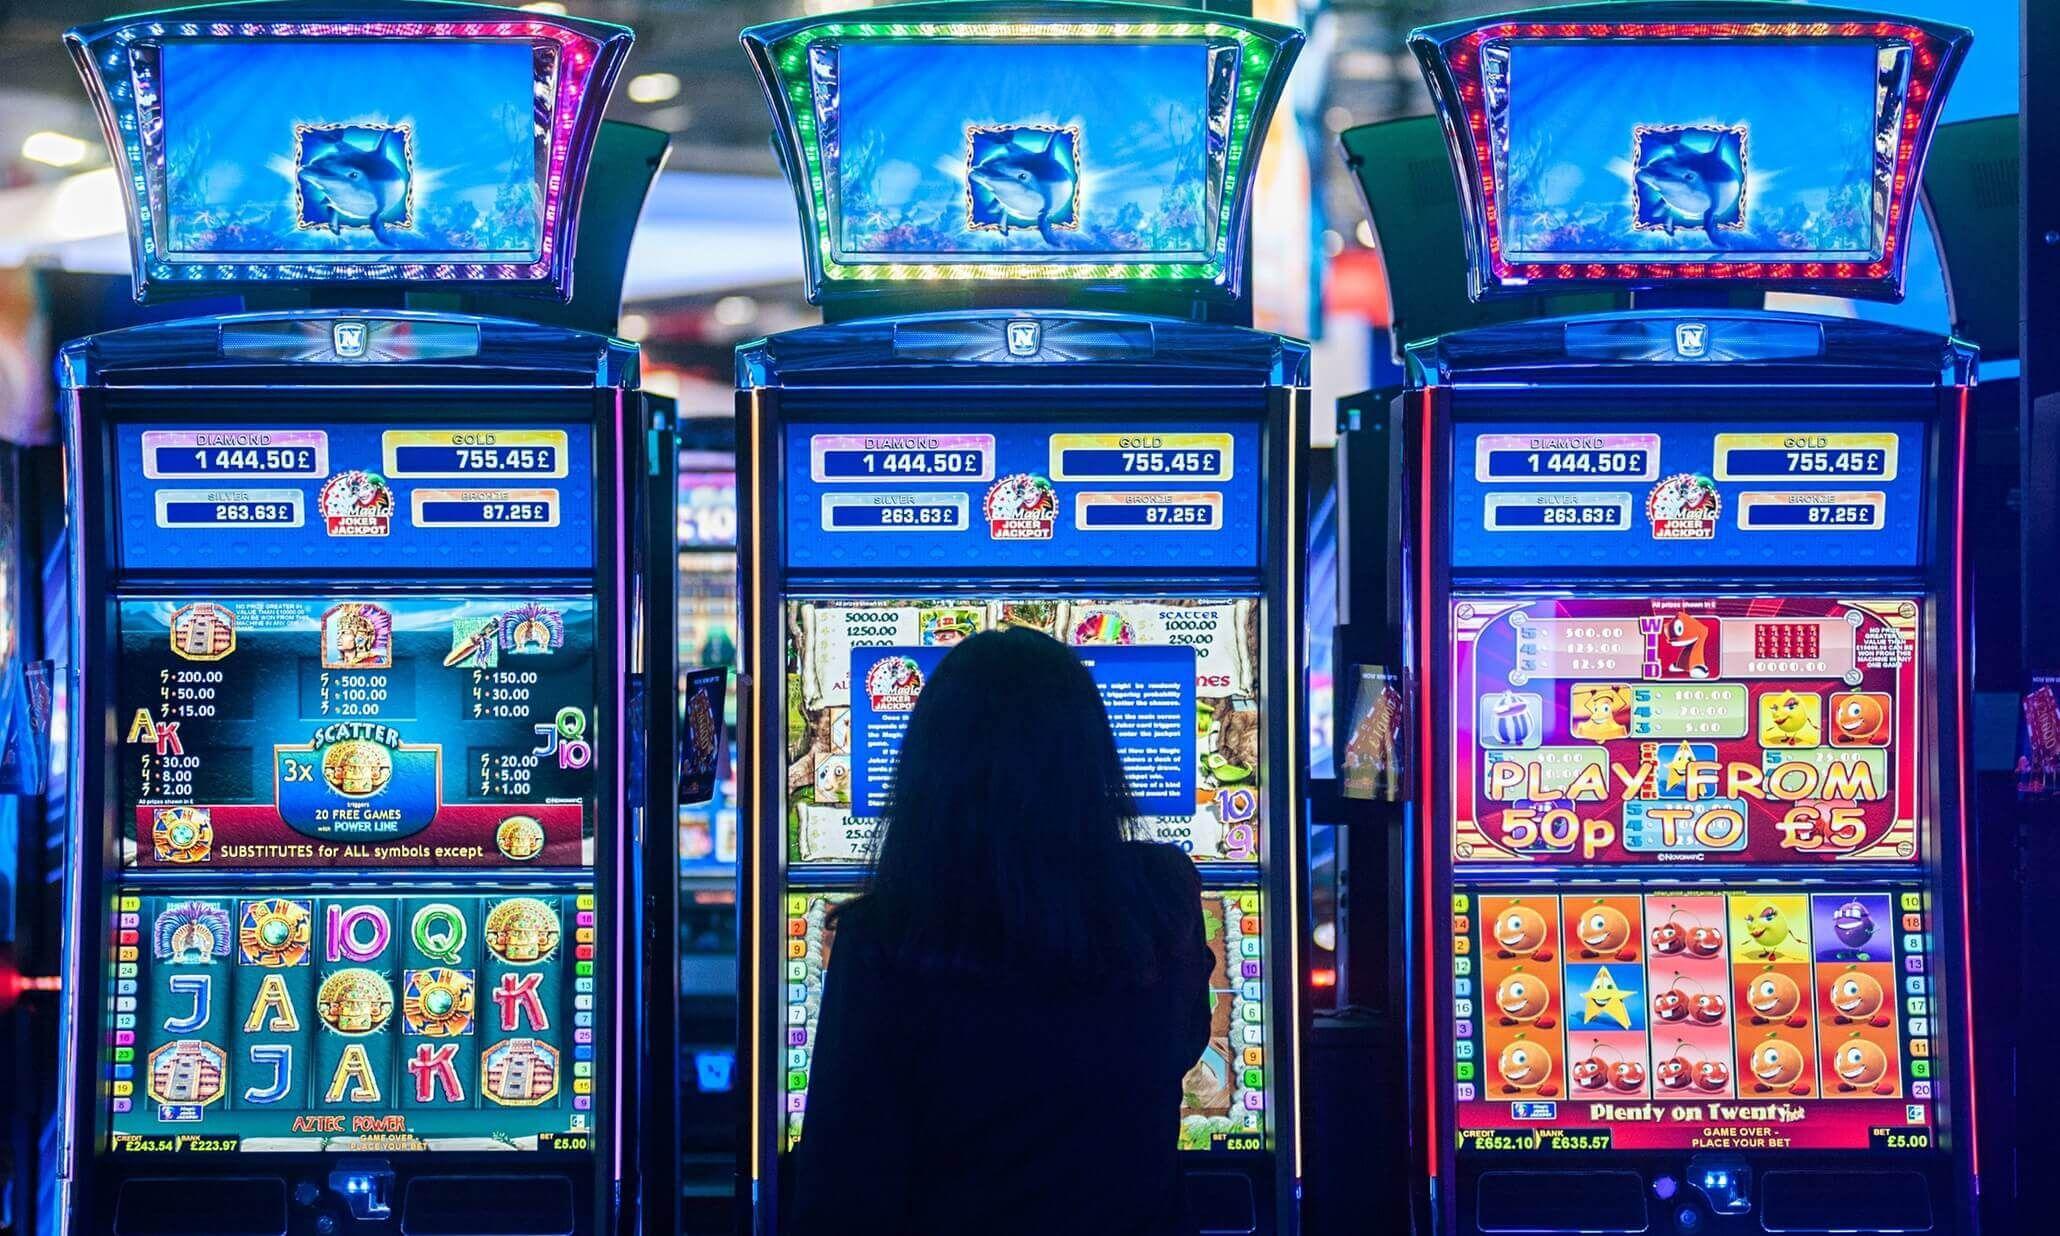 Как выграть в игры клубнички обезьянки гаражи в онлайн казино